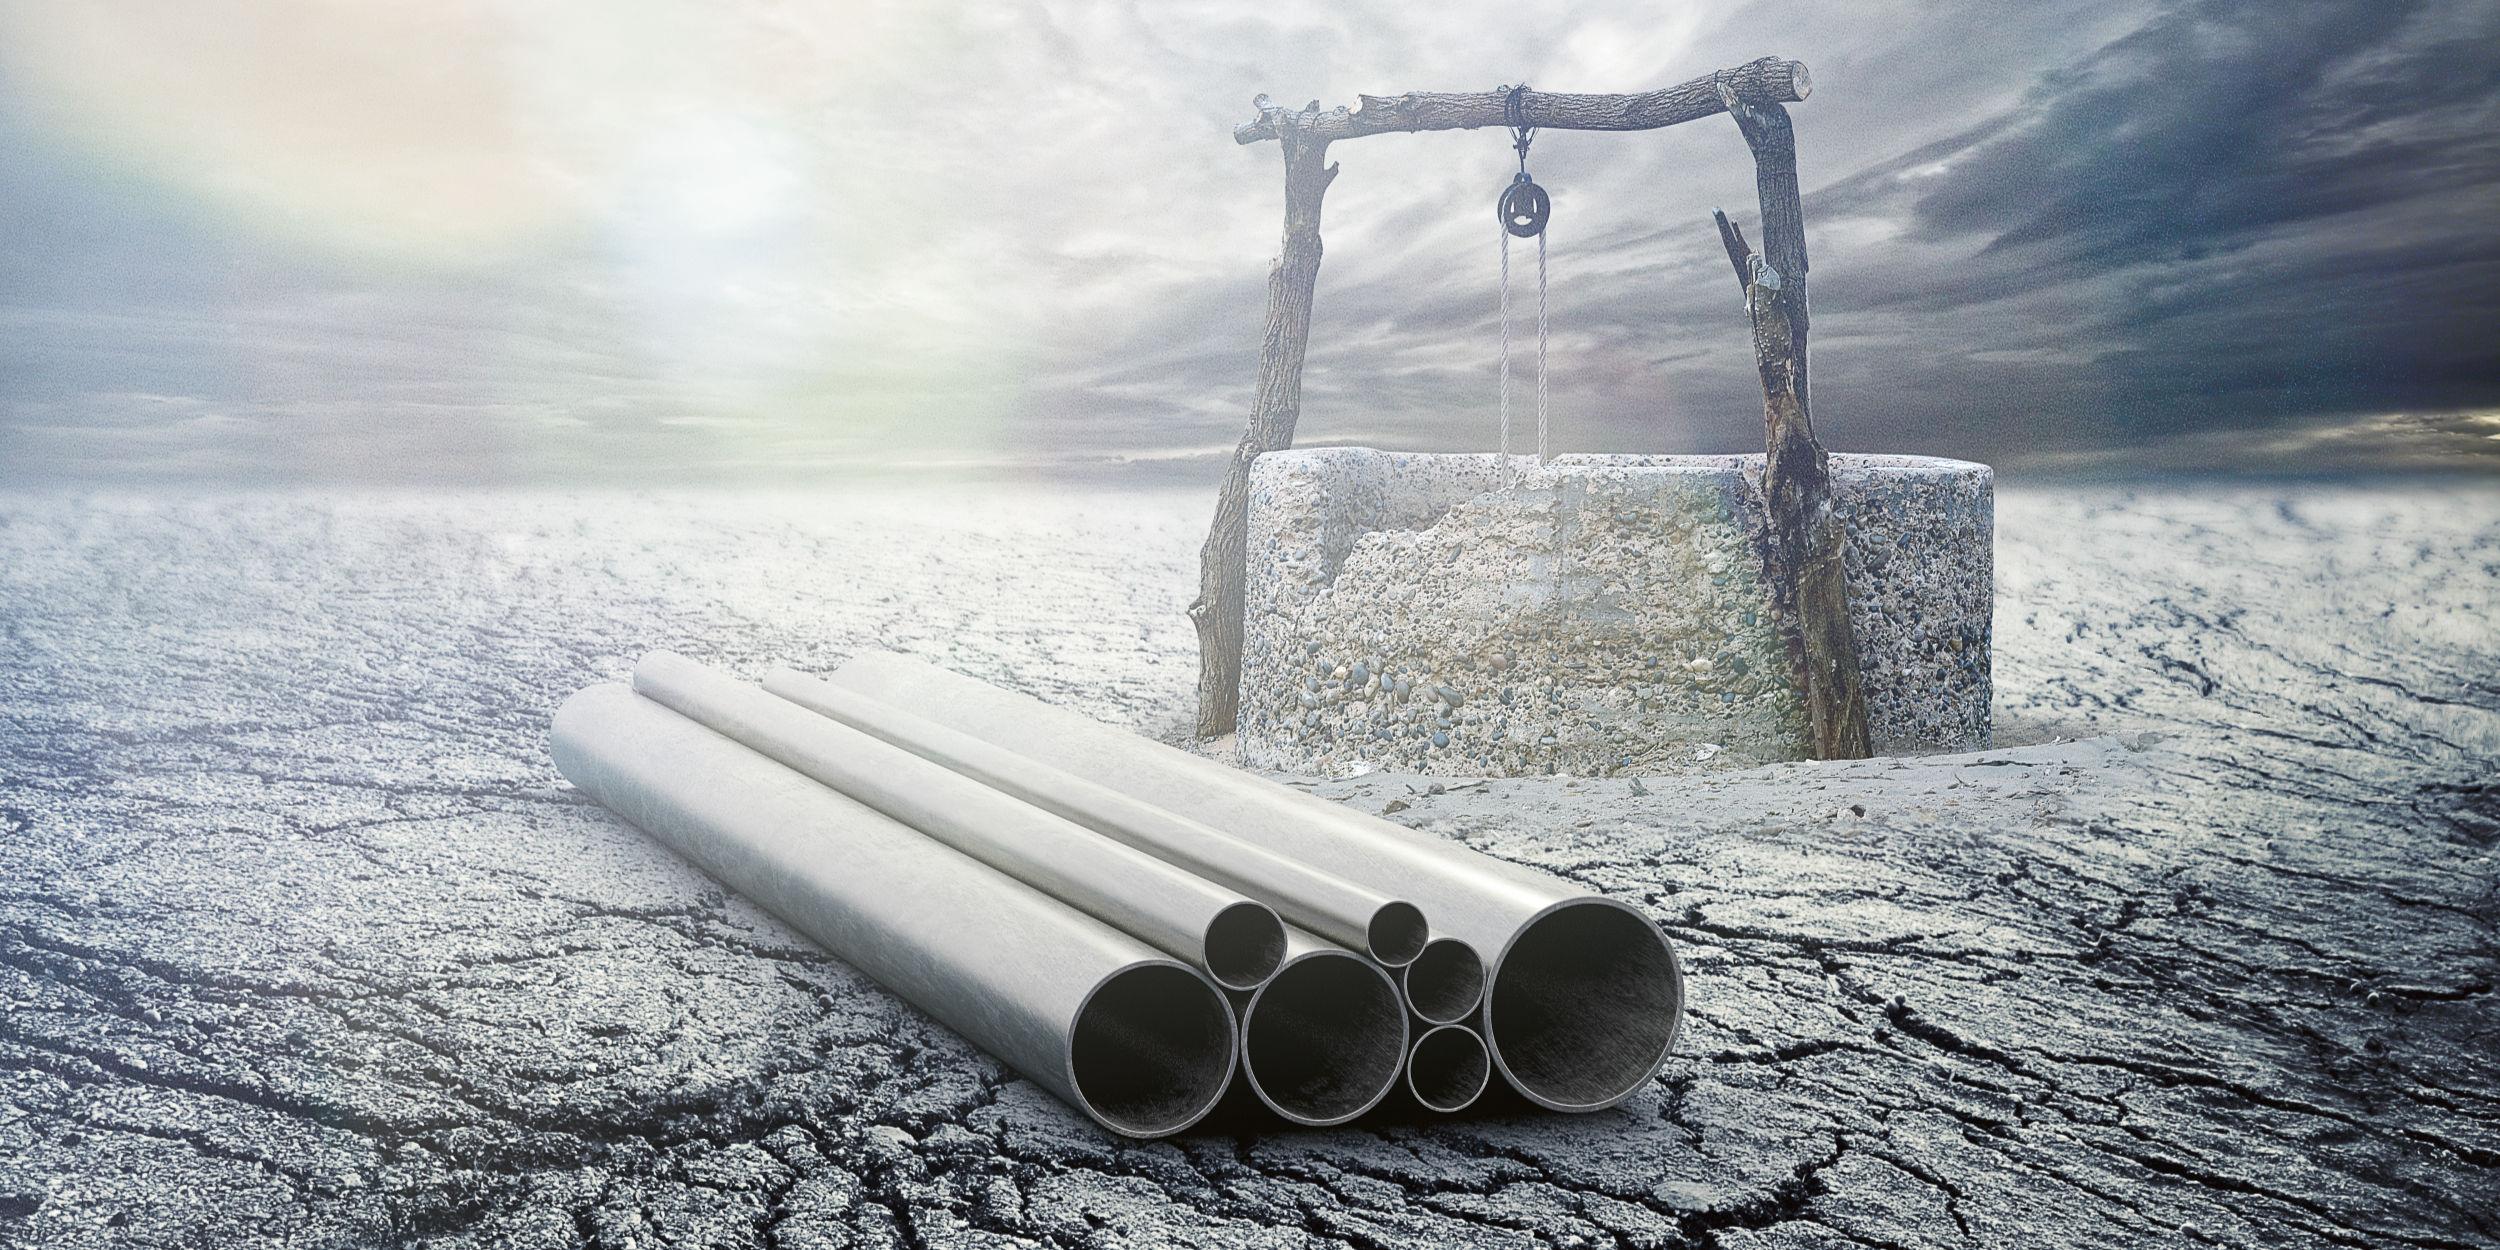 Kampagnen Fotografie Fellbach Stuttgart und Umgebung W52 JM Jäger Technology To Connect Brunnen Trockener Boden Stahlrohre